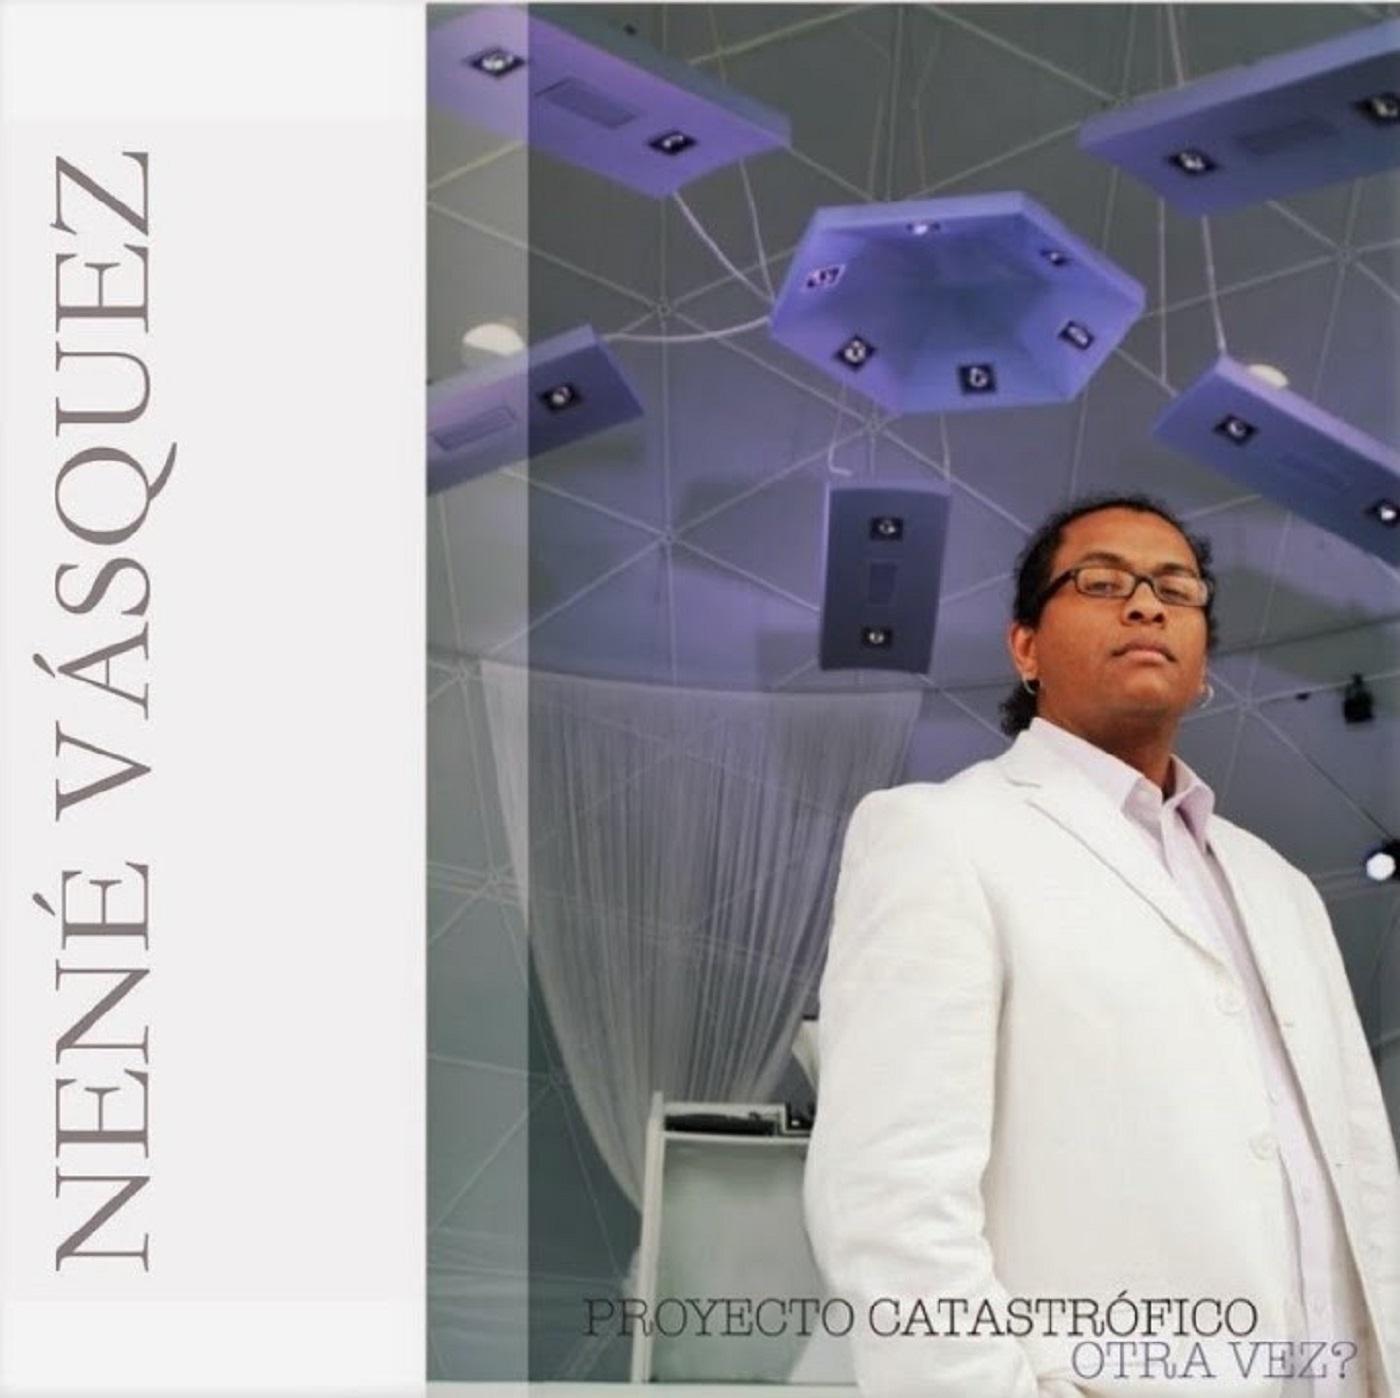 """Cover """"Nene´ Vasquez- Proyecto Catastrofico- Otra Vez?"""" feat. David Milzow (Saxes, Clarinet)"""